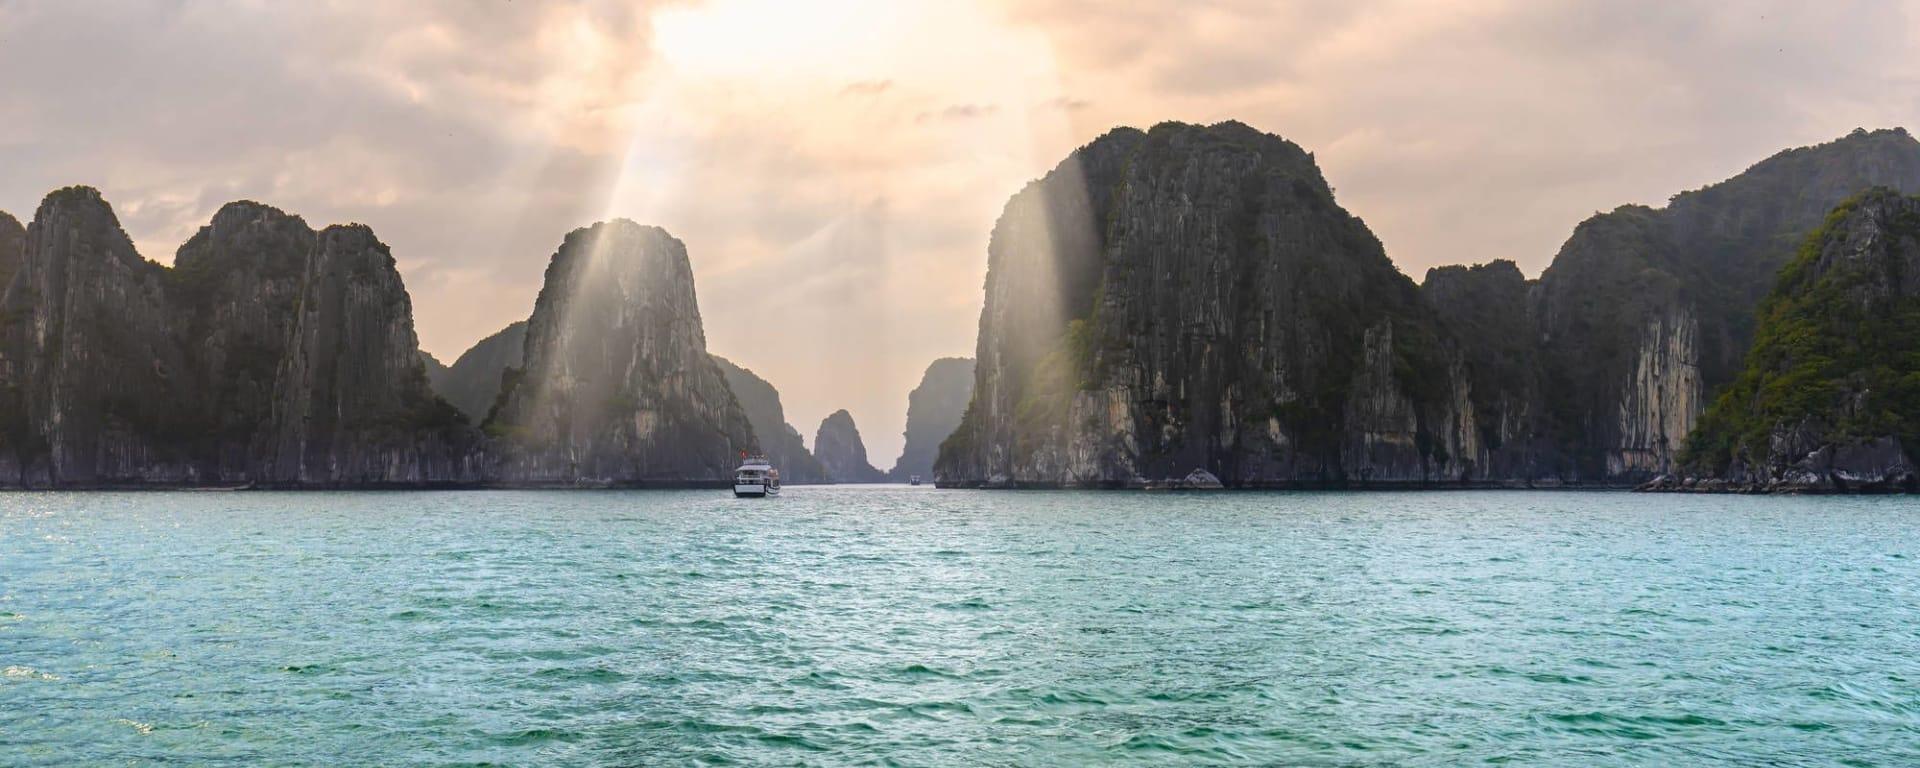 Croisières dans la baie de Halong avec «The Au Co» de Hanoi: Halong Bay